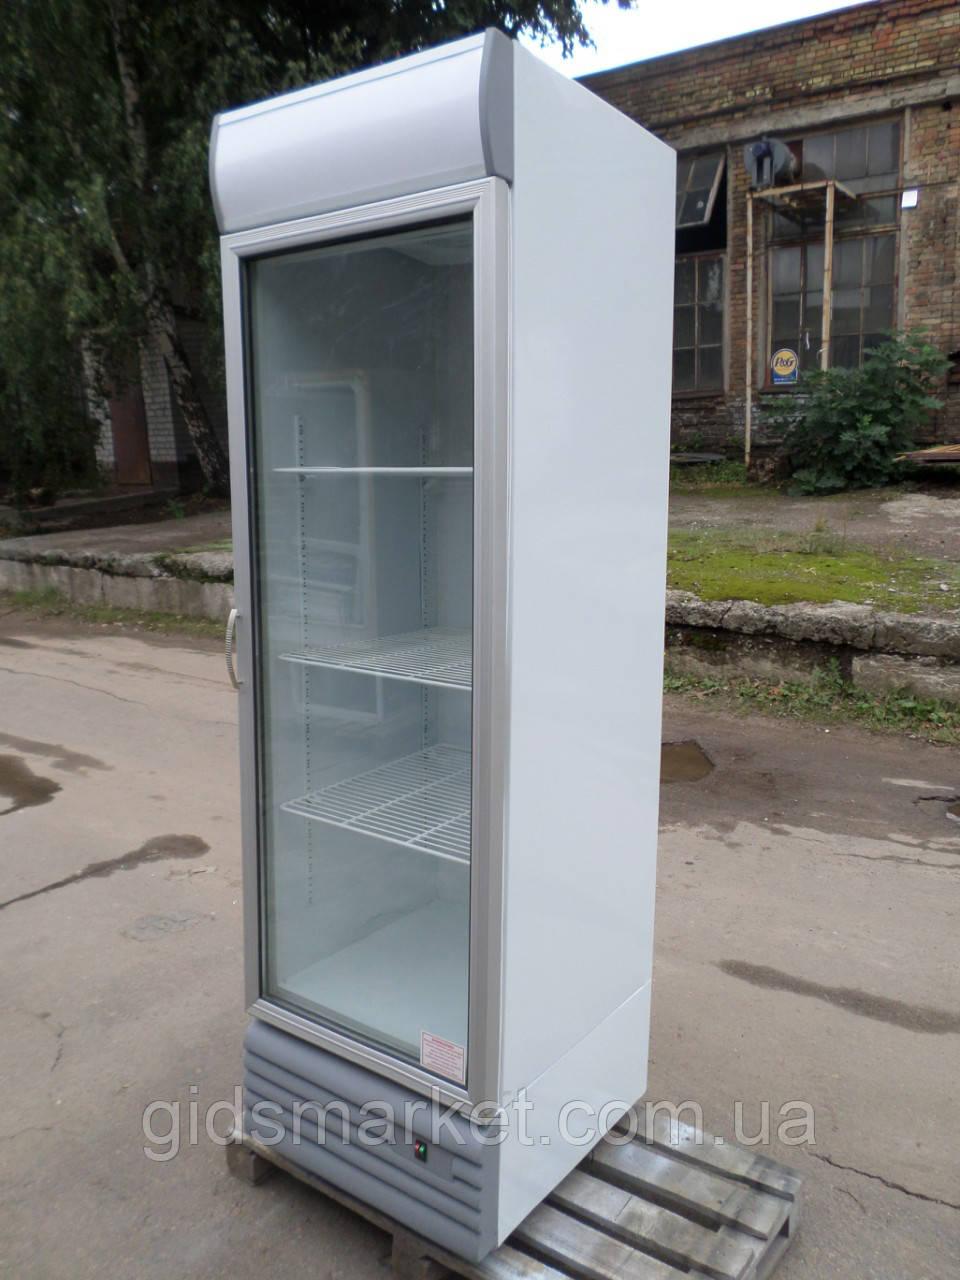 Холодильный шкаф Технохолод бу.. холодильник б/у.